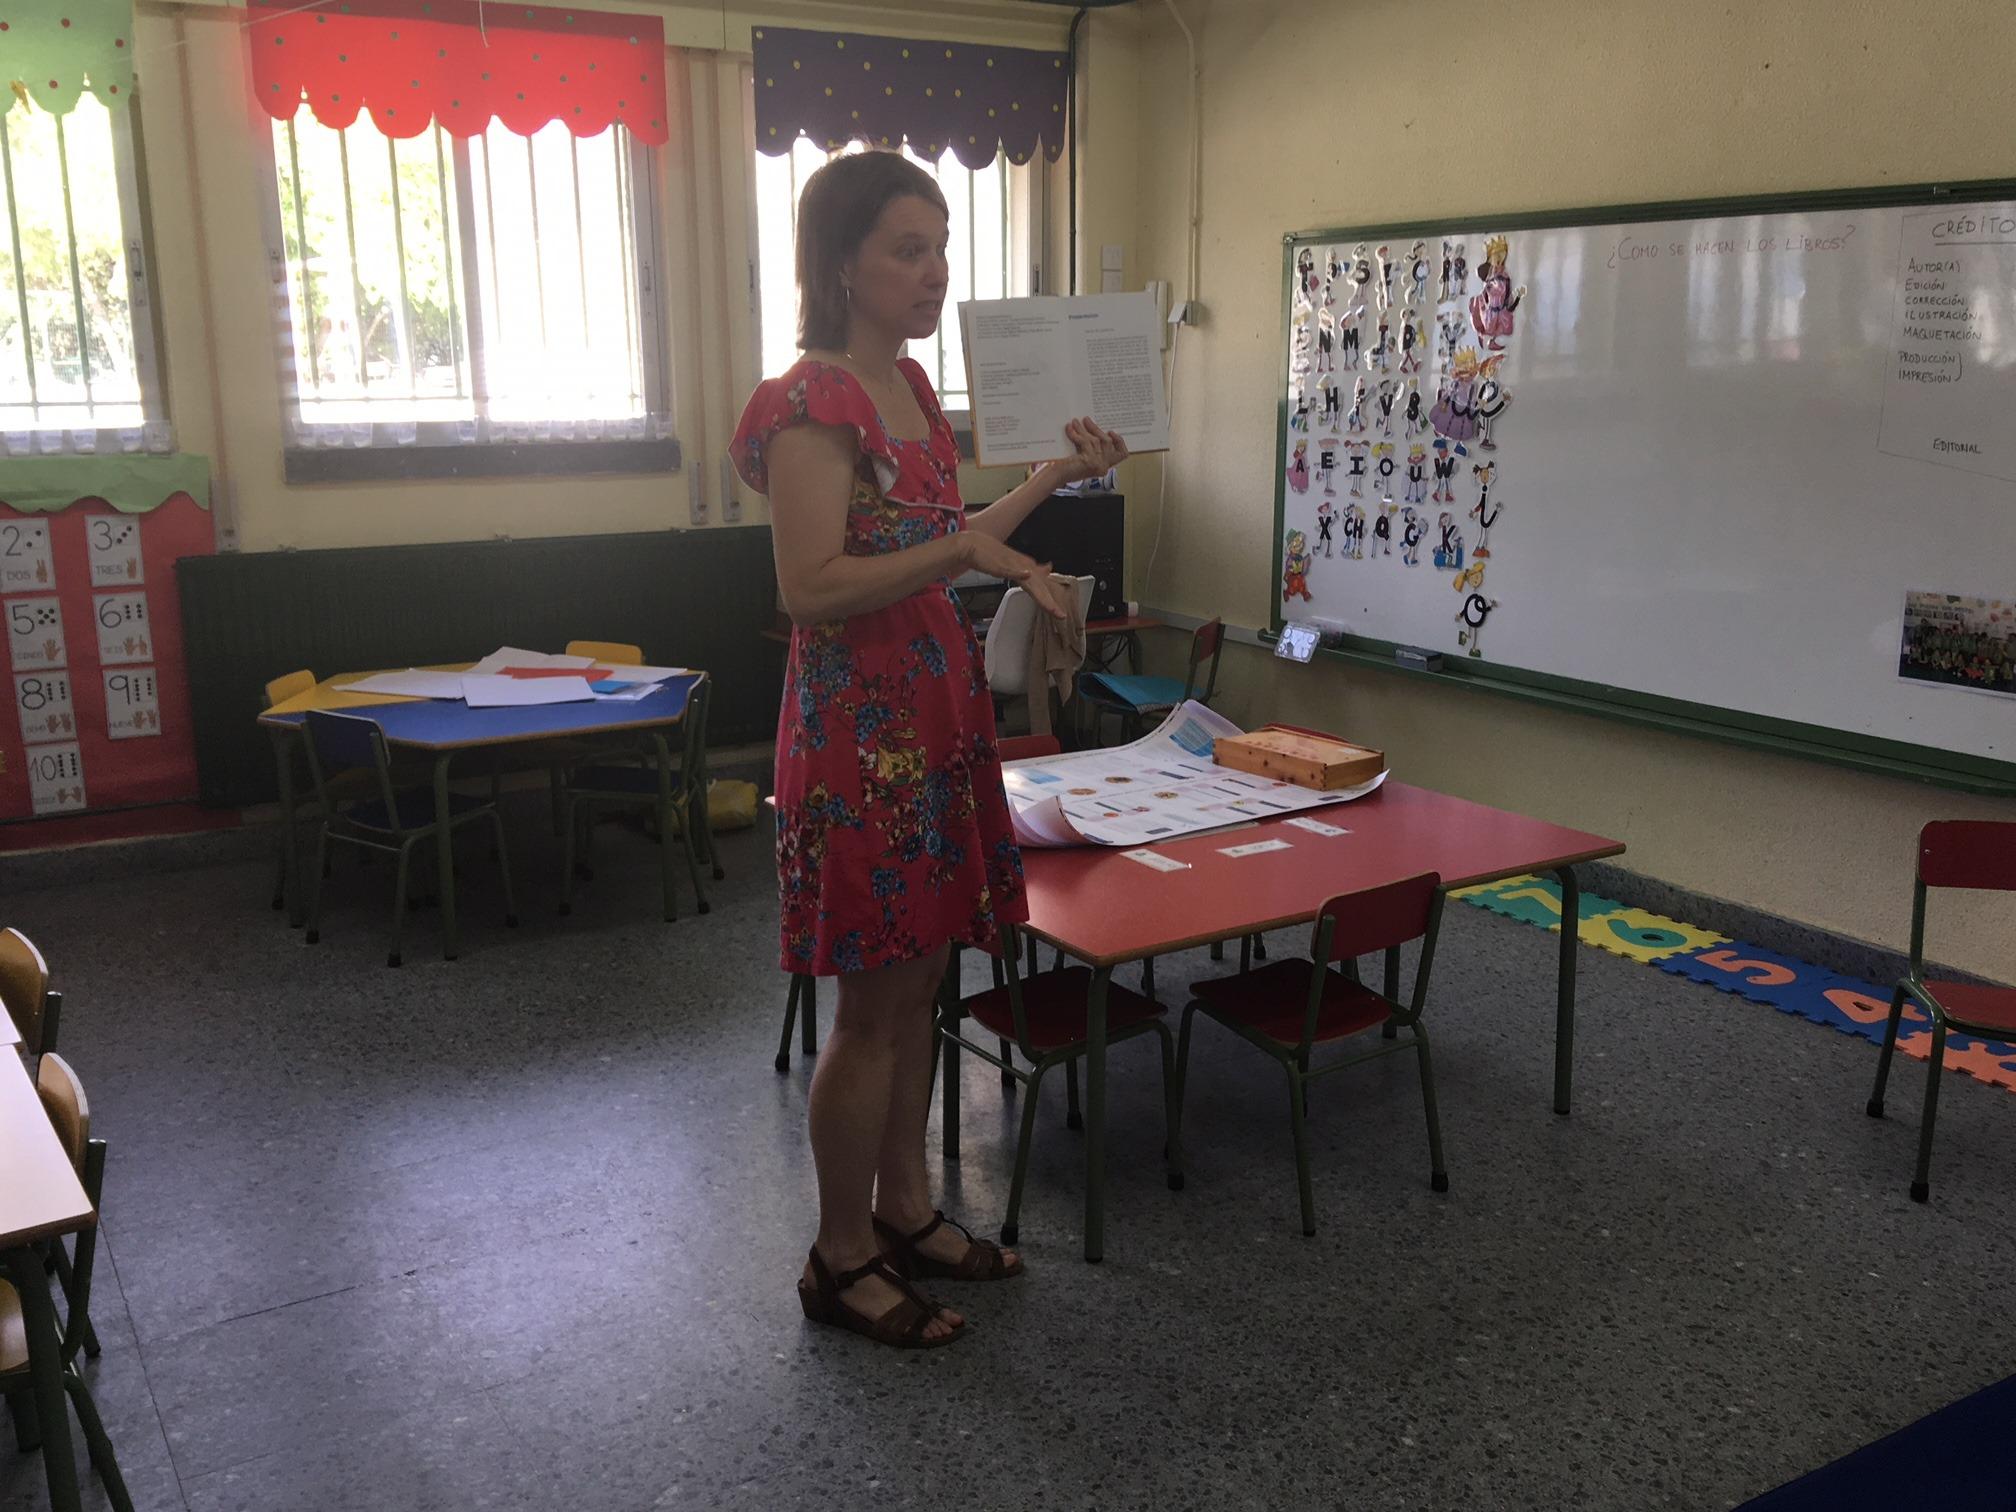 2018_06_25_Los pulpos disfrutan de un taller de libros 2